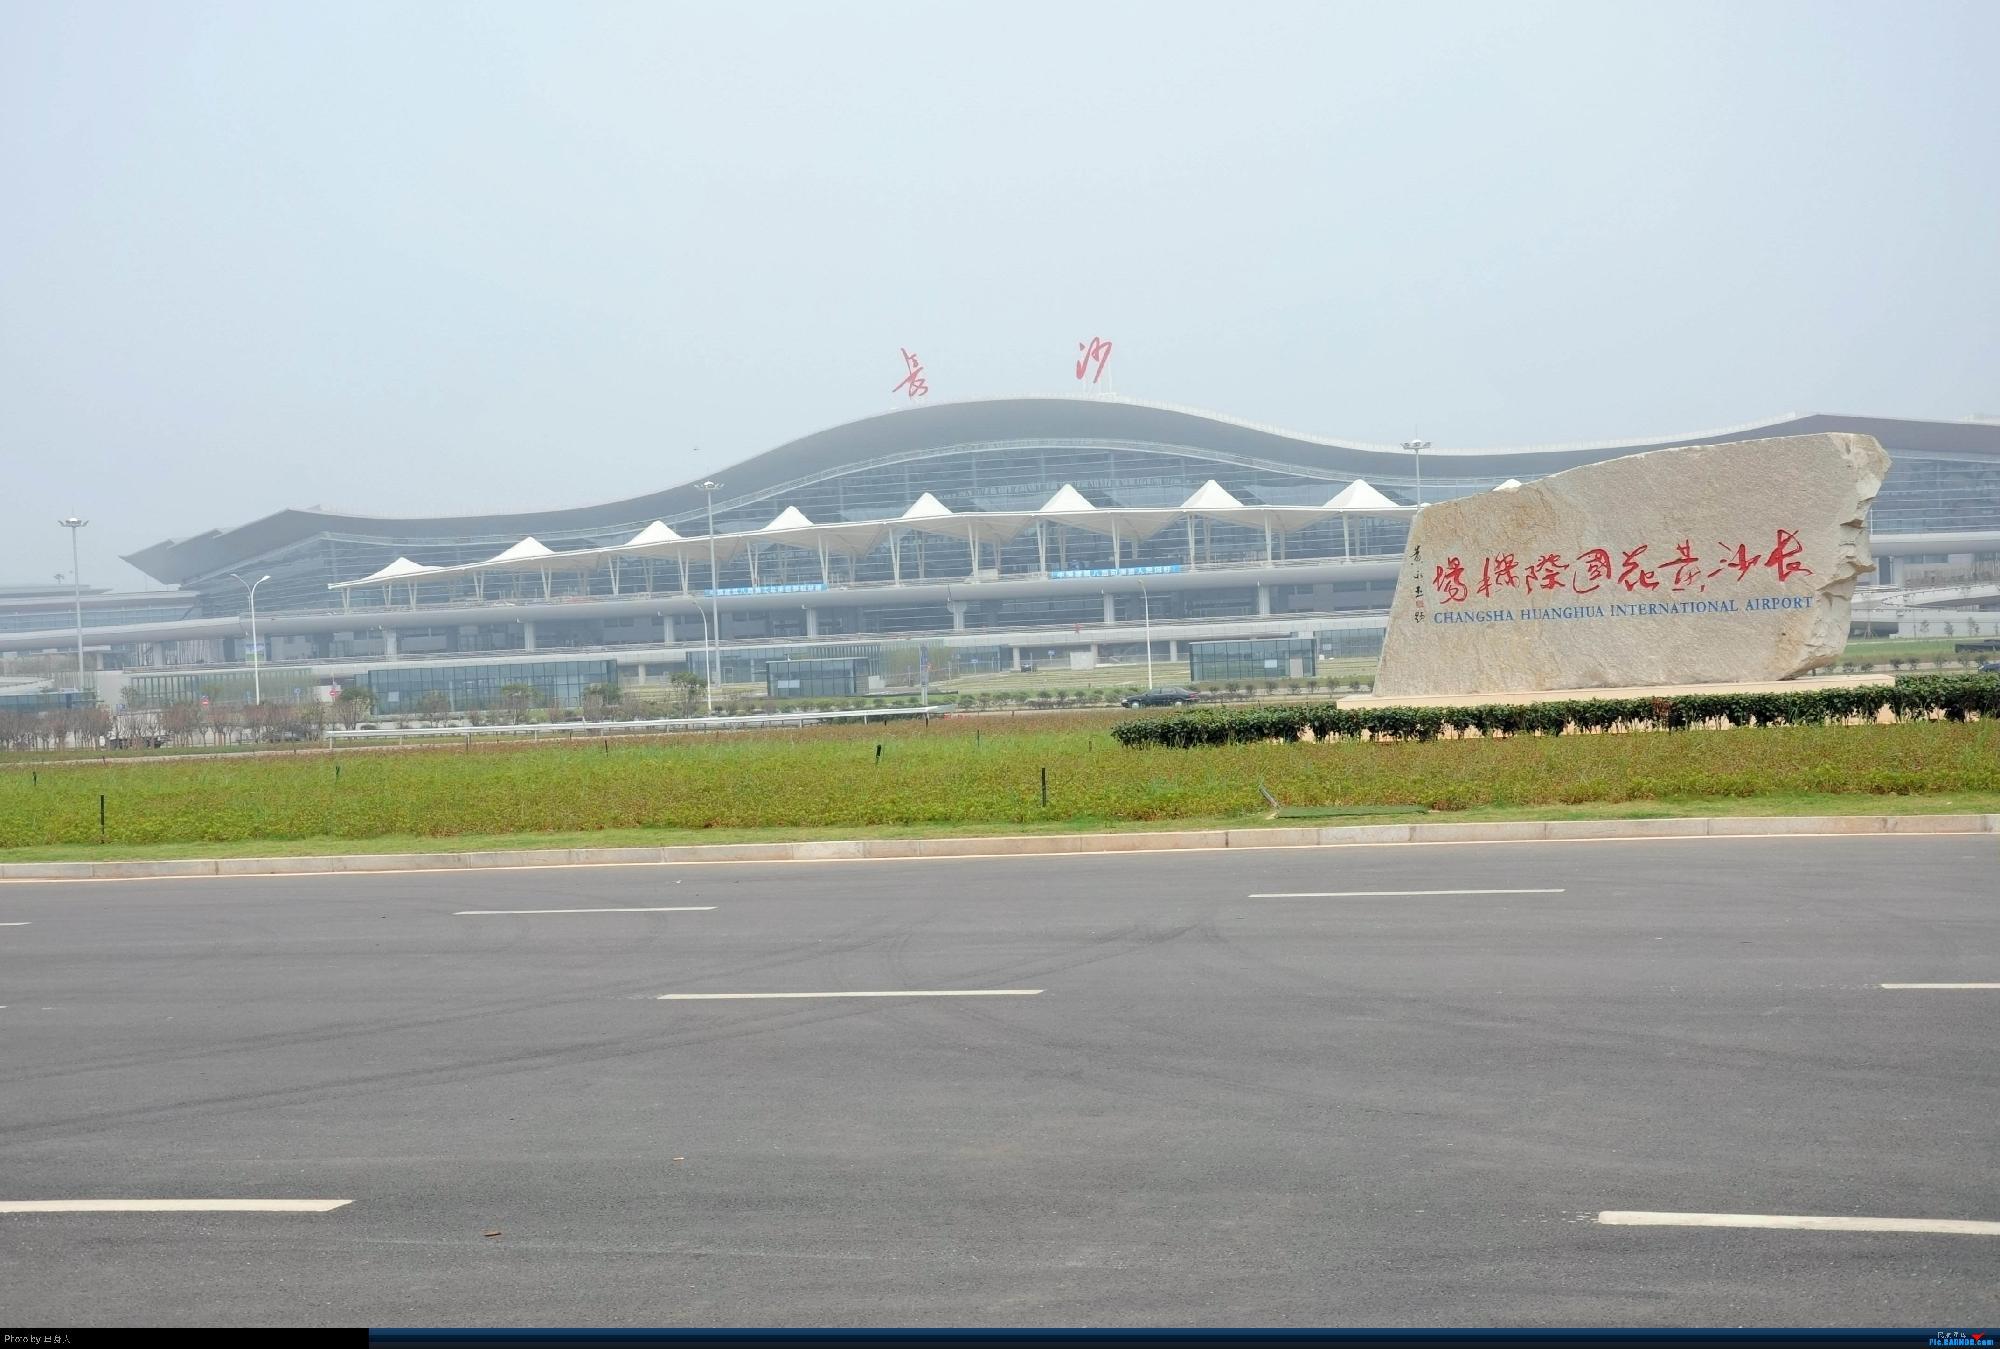 长沙/长沙黄花国际机场(ICAO:ZGHA;IATA:CSX)位于湖南省长沙...